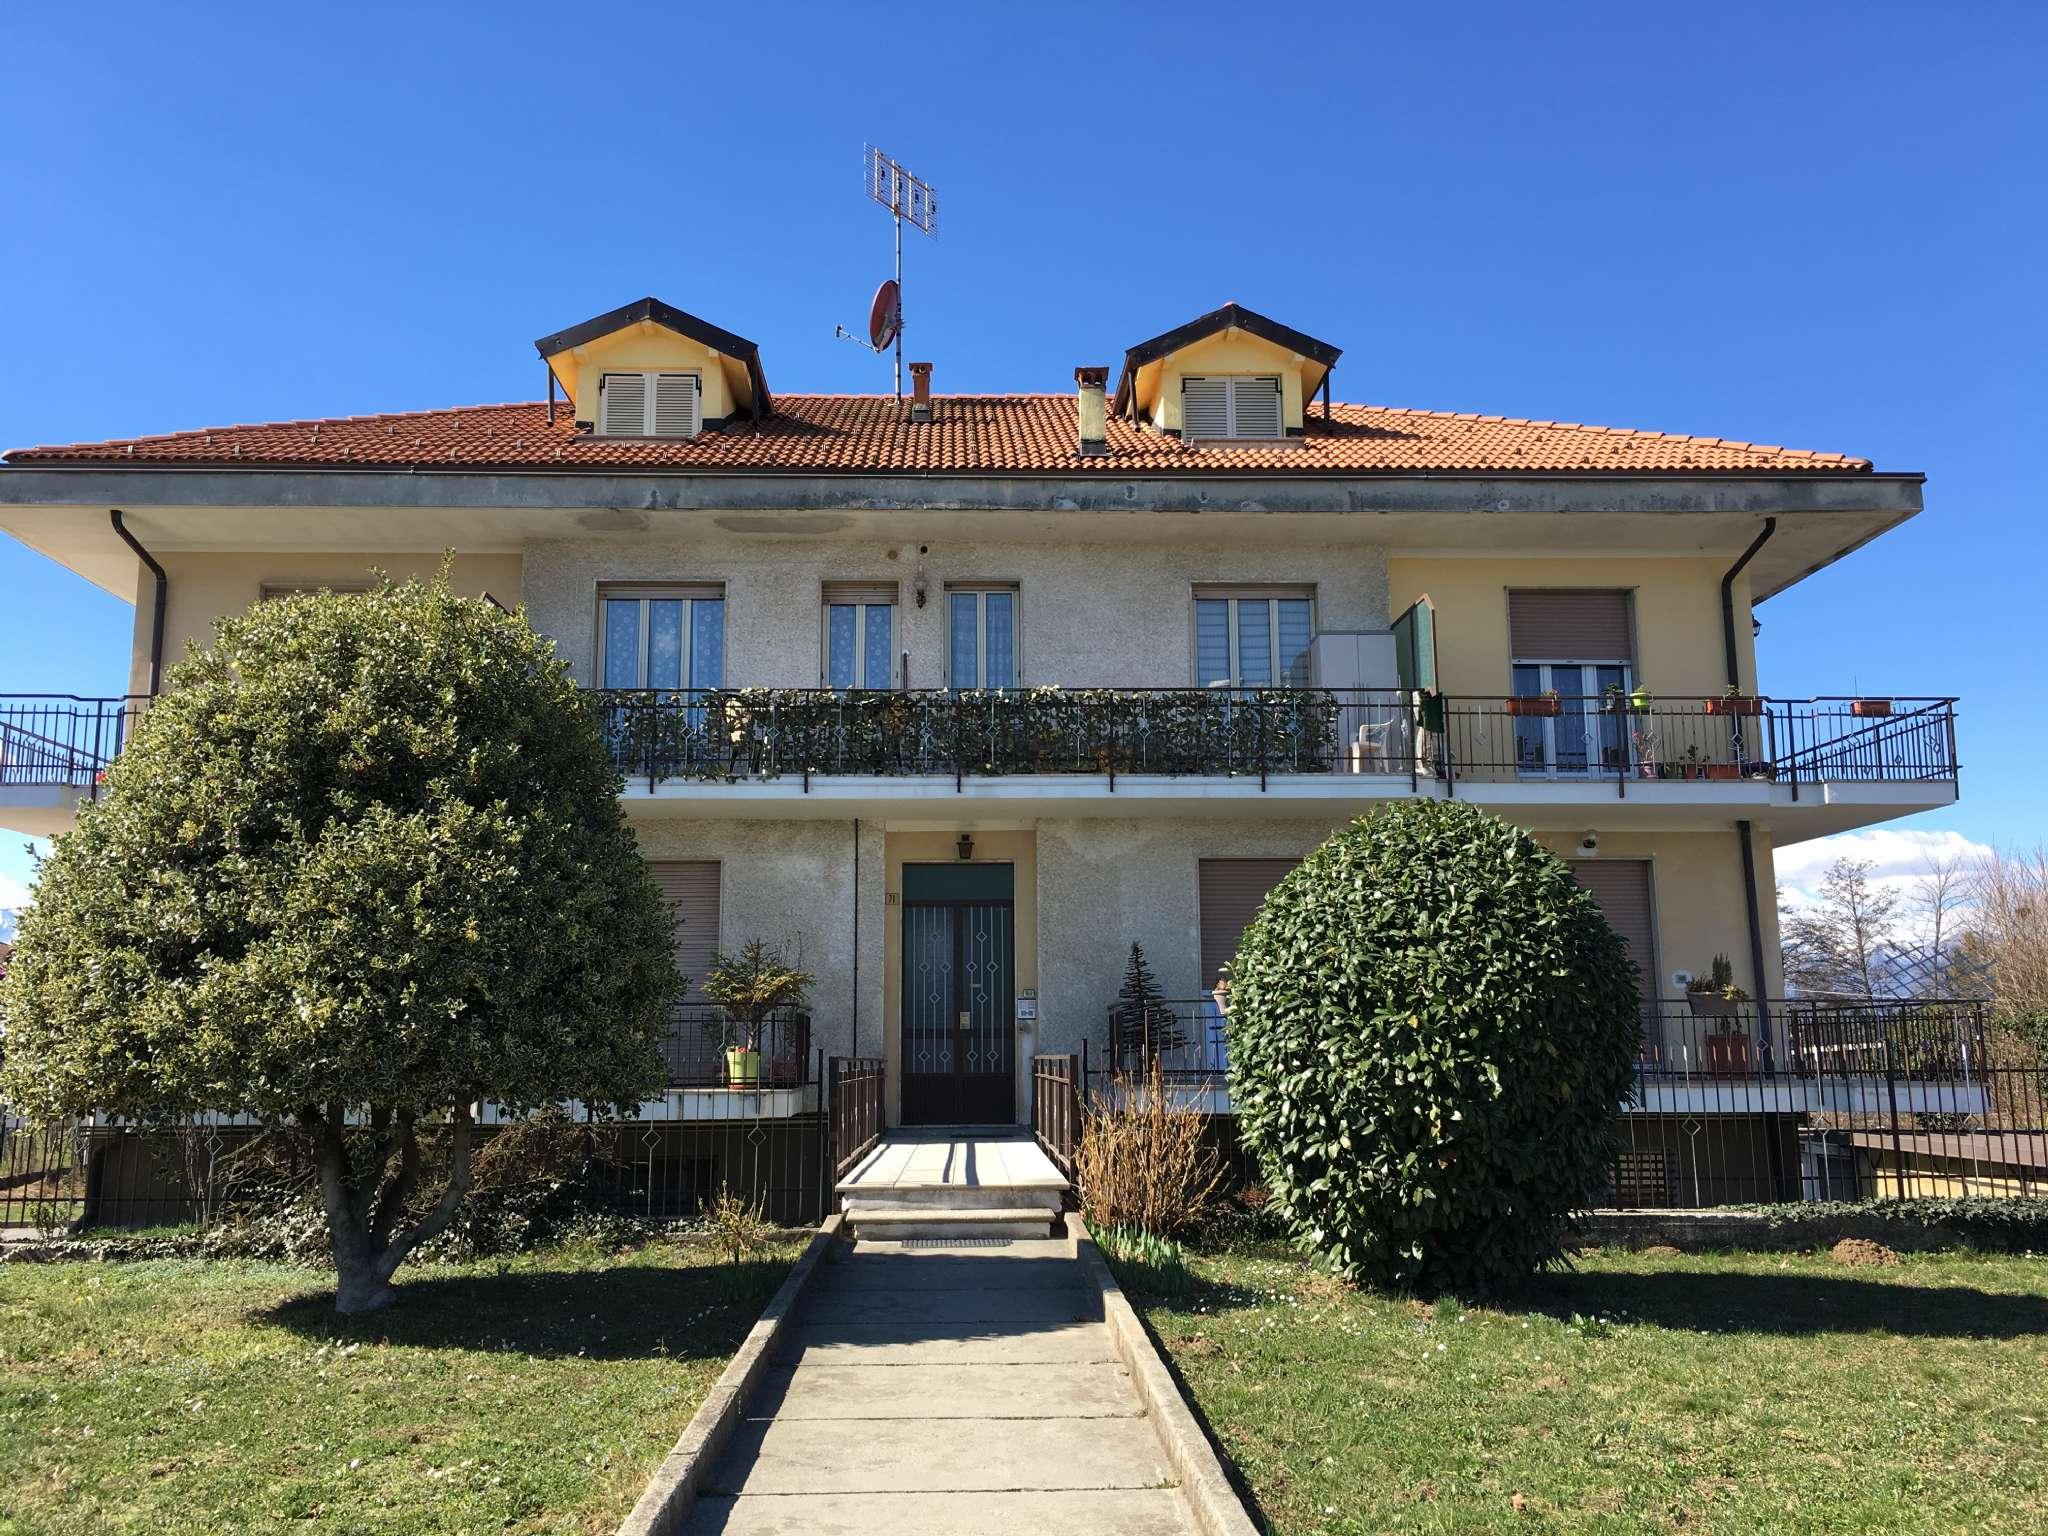 Appartamento in vendita a Cuneo, 2 locali, prezzo € 84.000 | CambioCasa.it